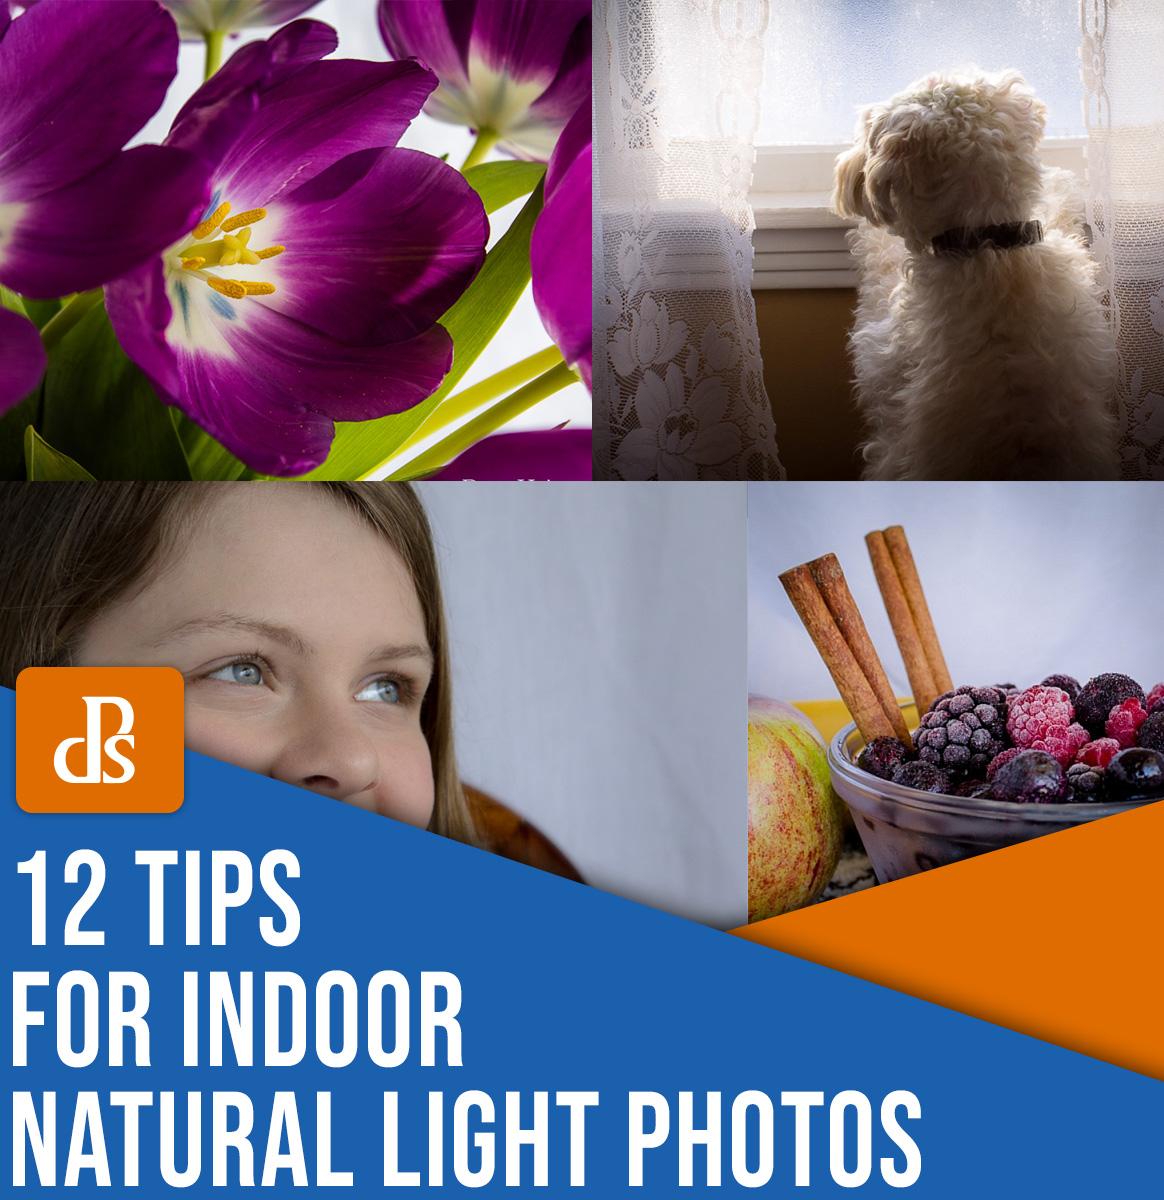 12 dicas para fotografia com luz natural em ambientes internos